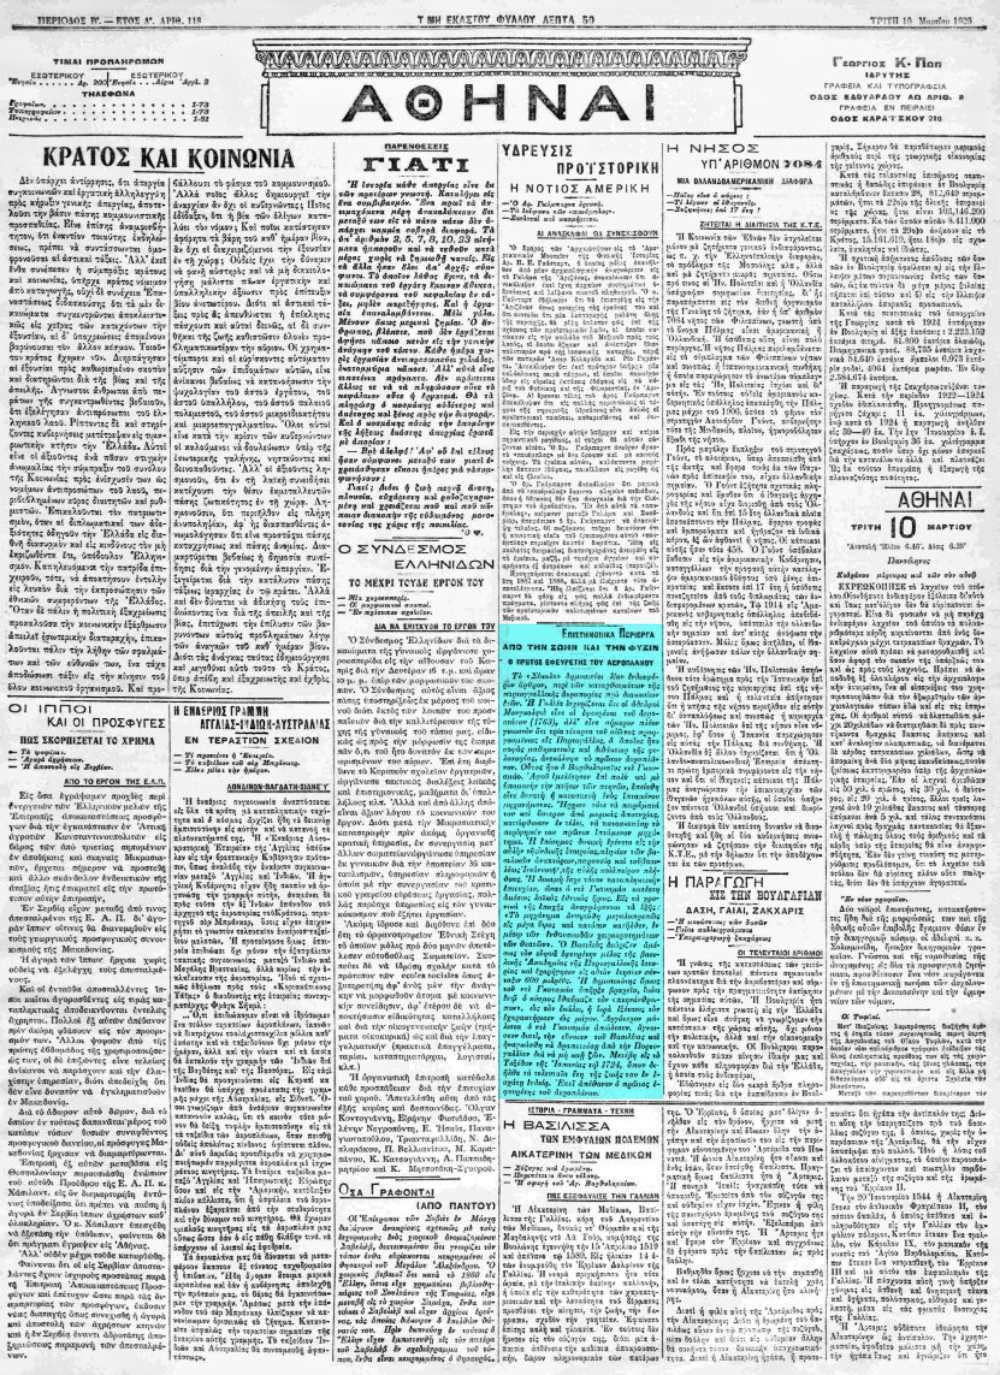 """Το άρθρο, όπως δημοσιεύθηκε στην εφημερίδα """"ΑΘΗΝΑΙ"""", στις 10/03/1925"""